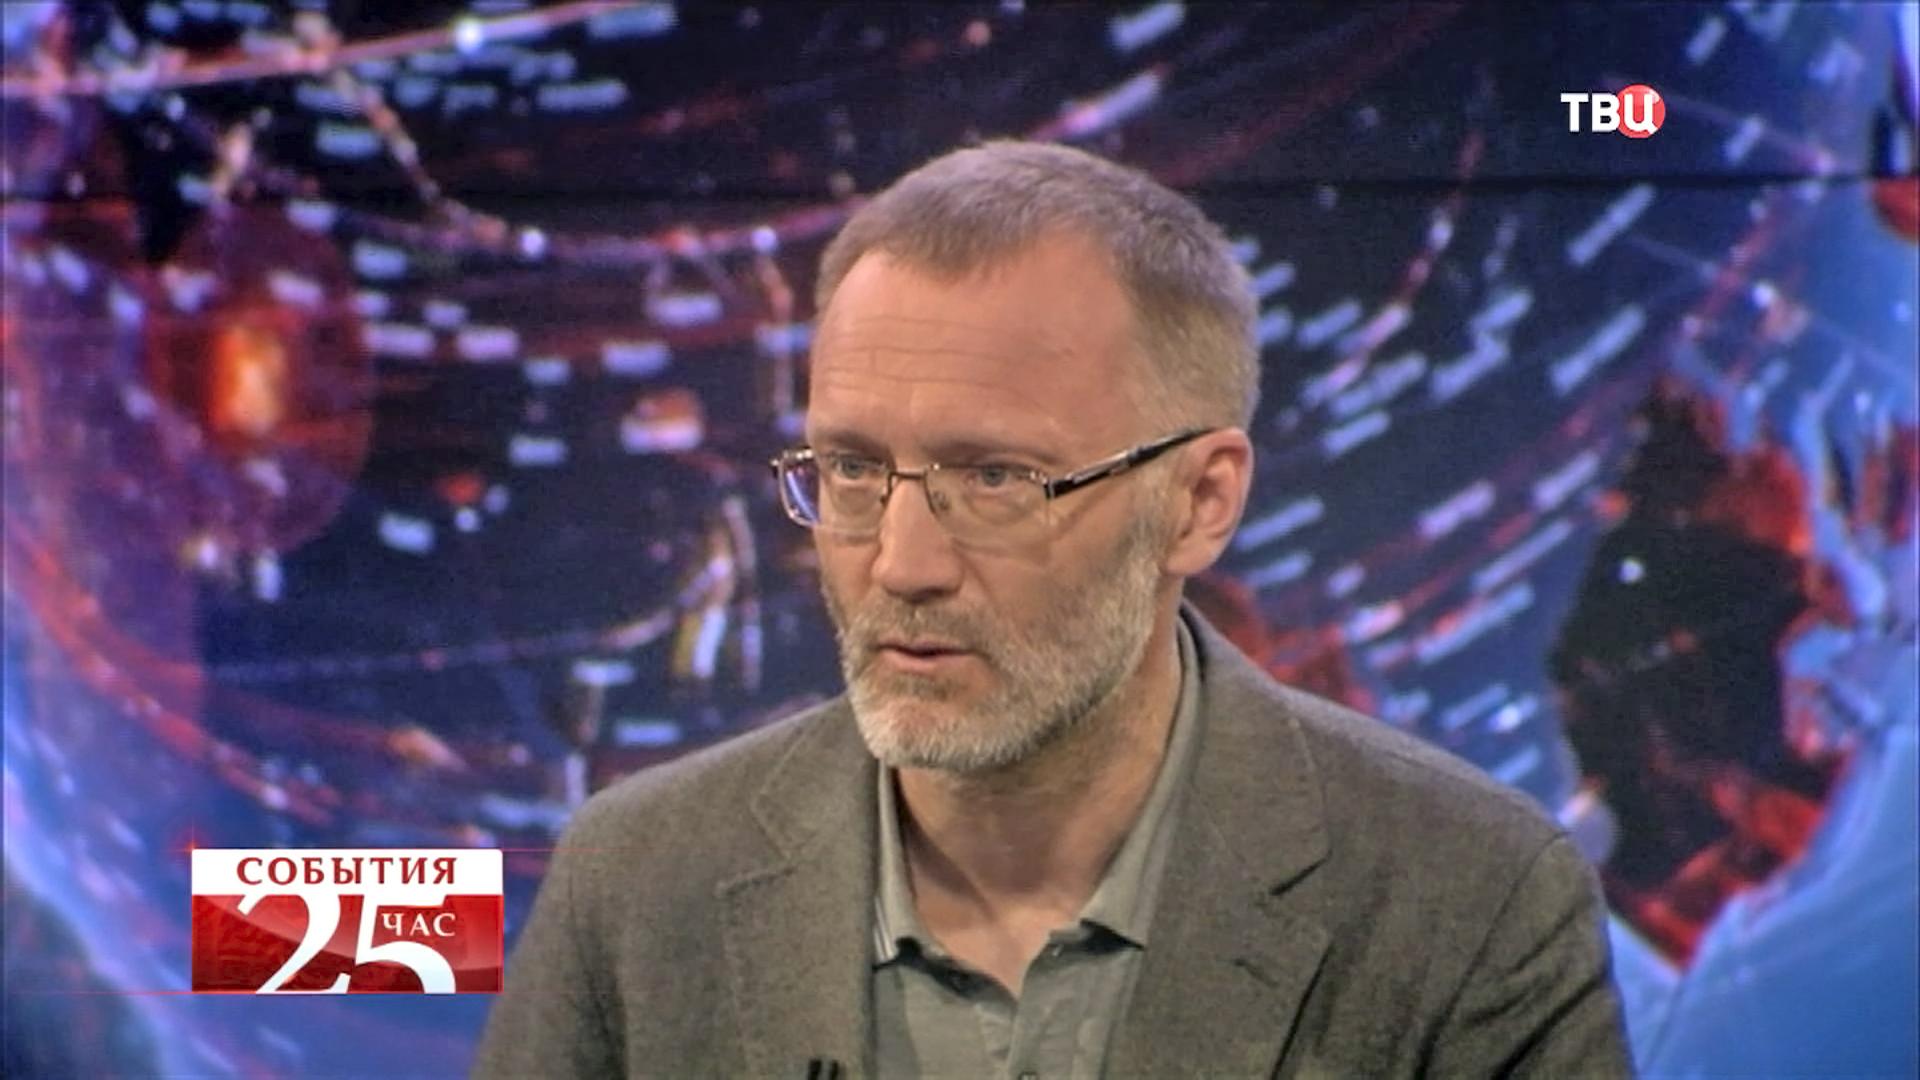 Сергей Михеев, директор центра политической конъюнктуры